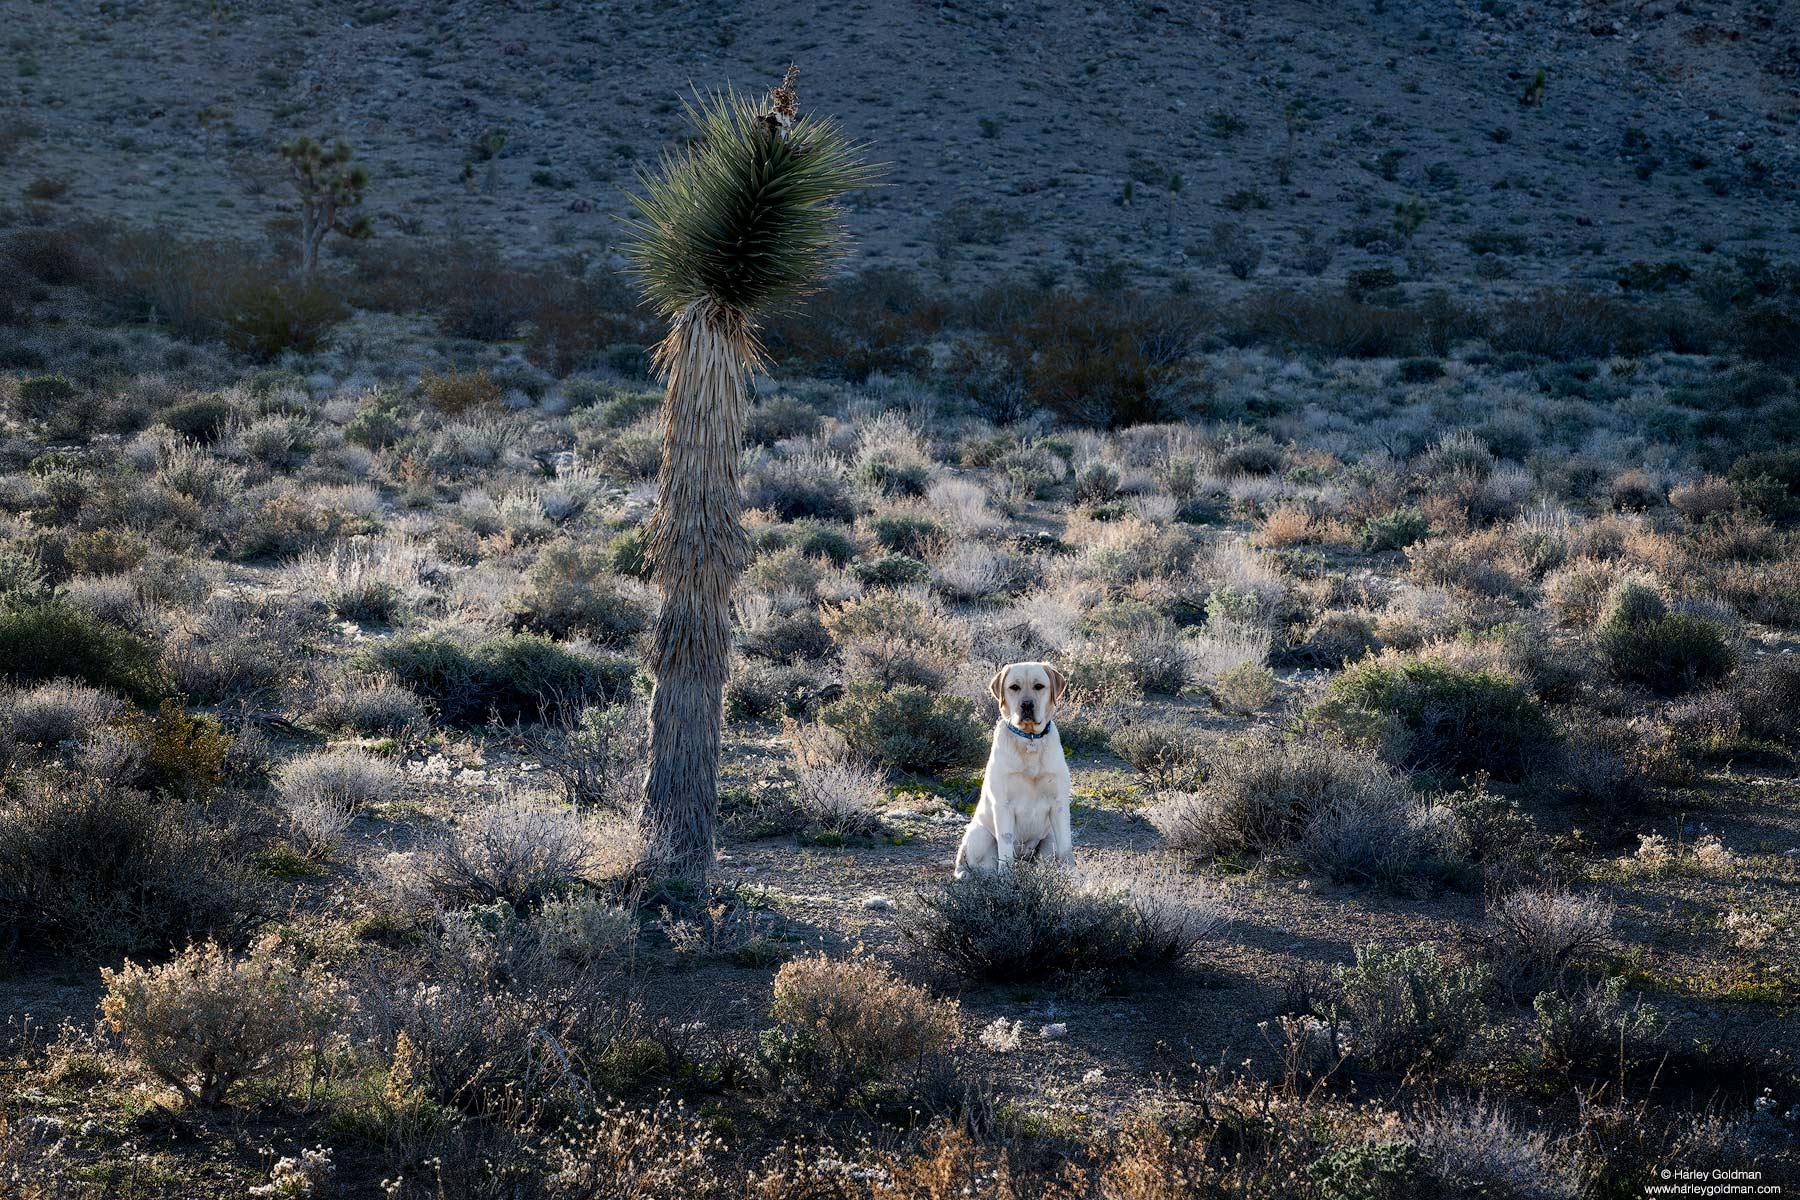 Tioga in the desert